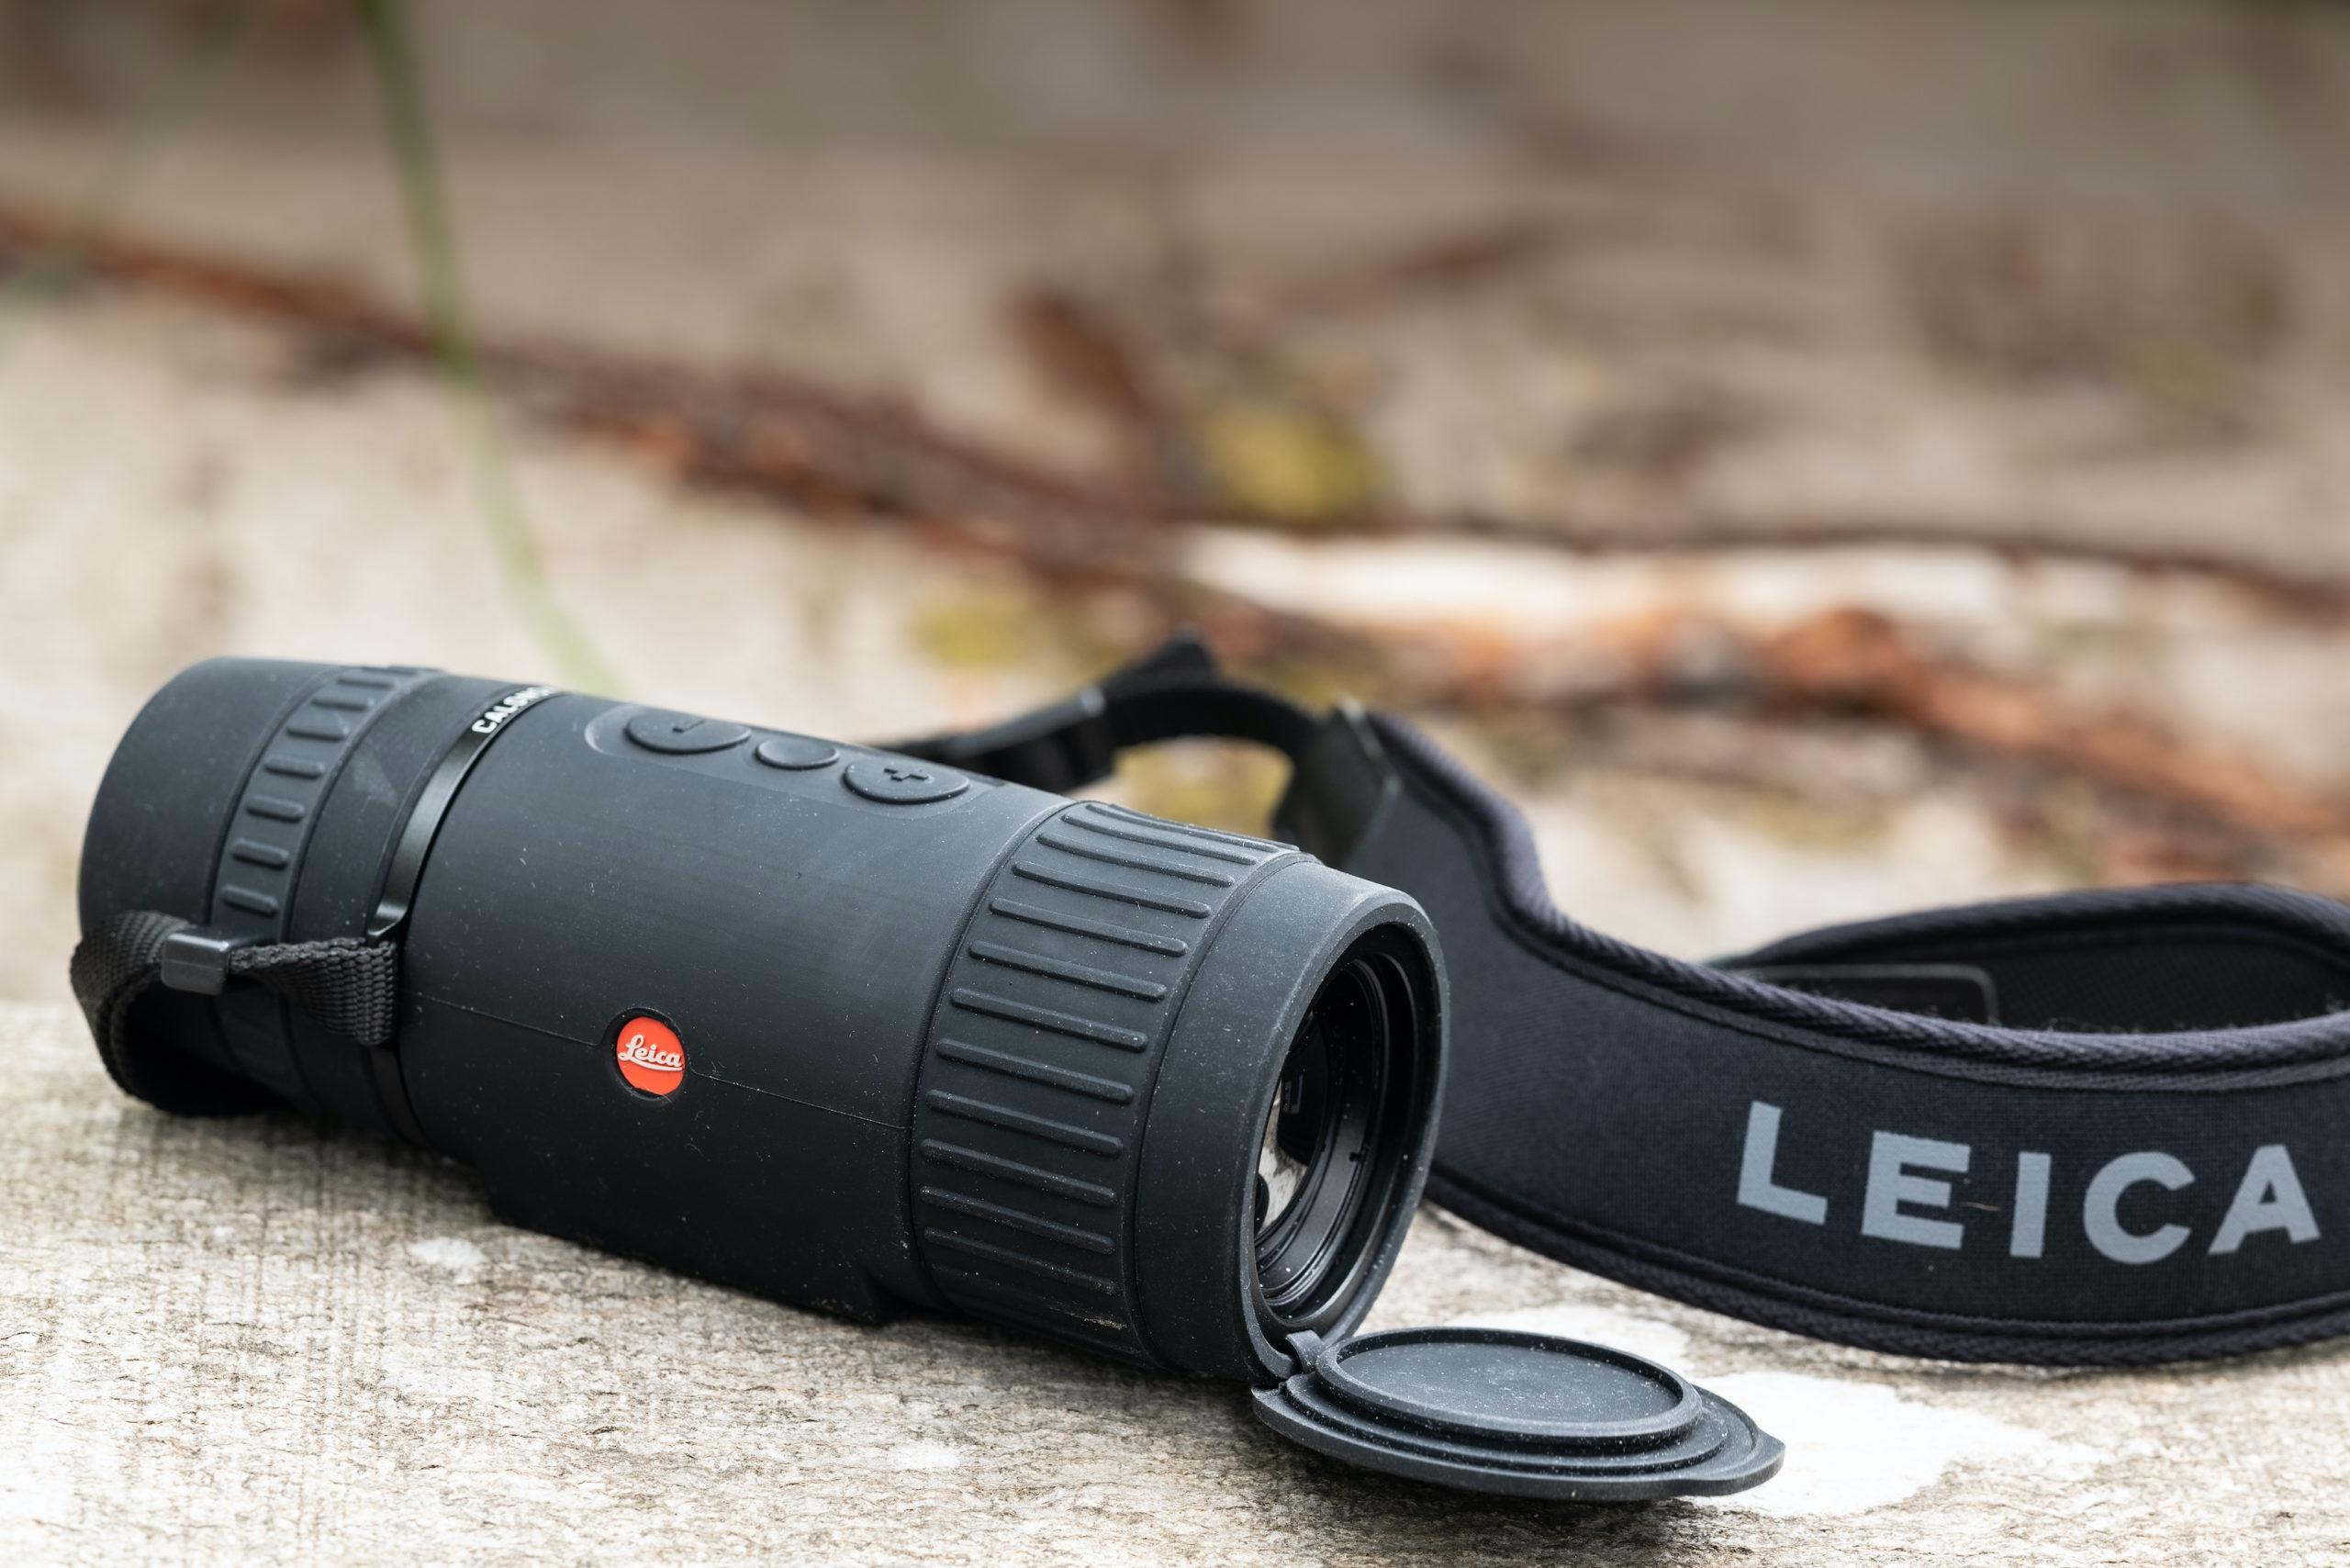 La tracolla Leica è comoda e sicura grazie ai due ganci passanti laterali fissati al corpo del Calonox